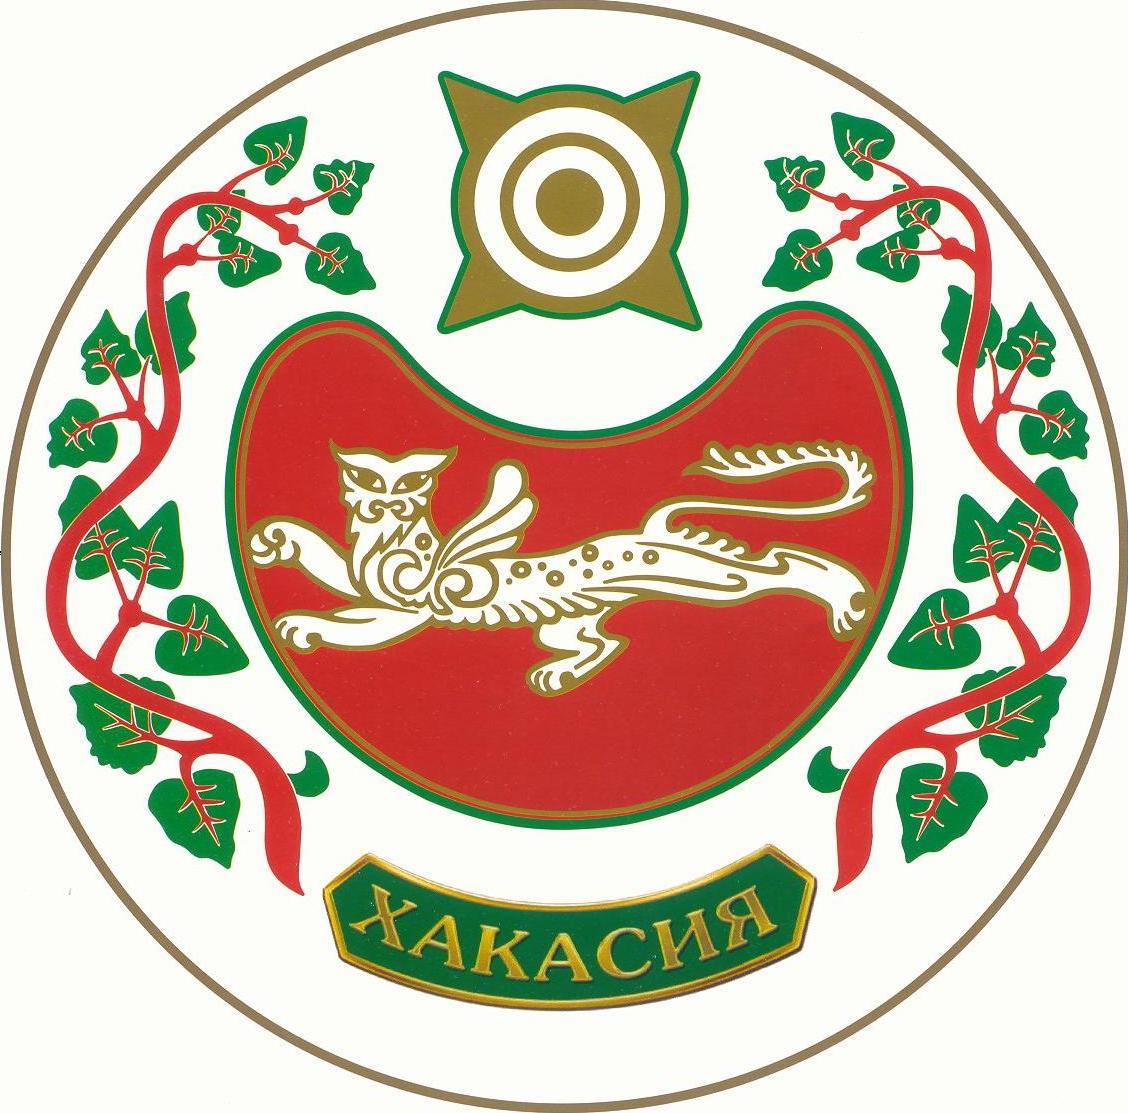 герб хакасии фото